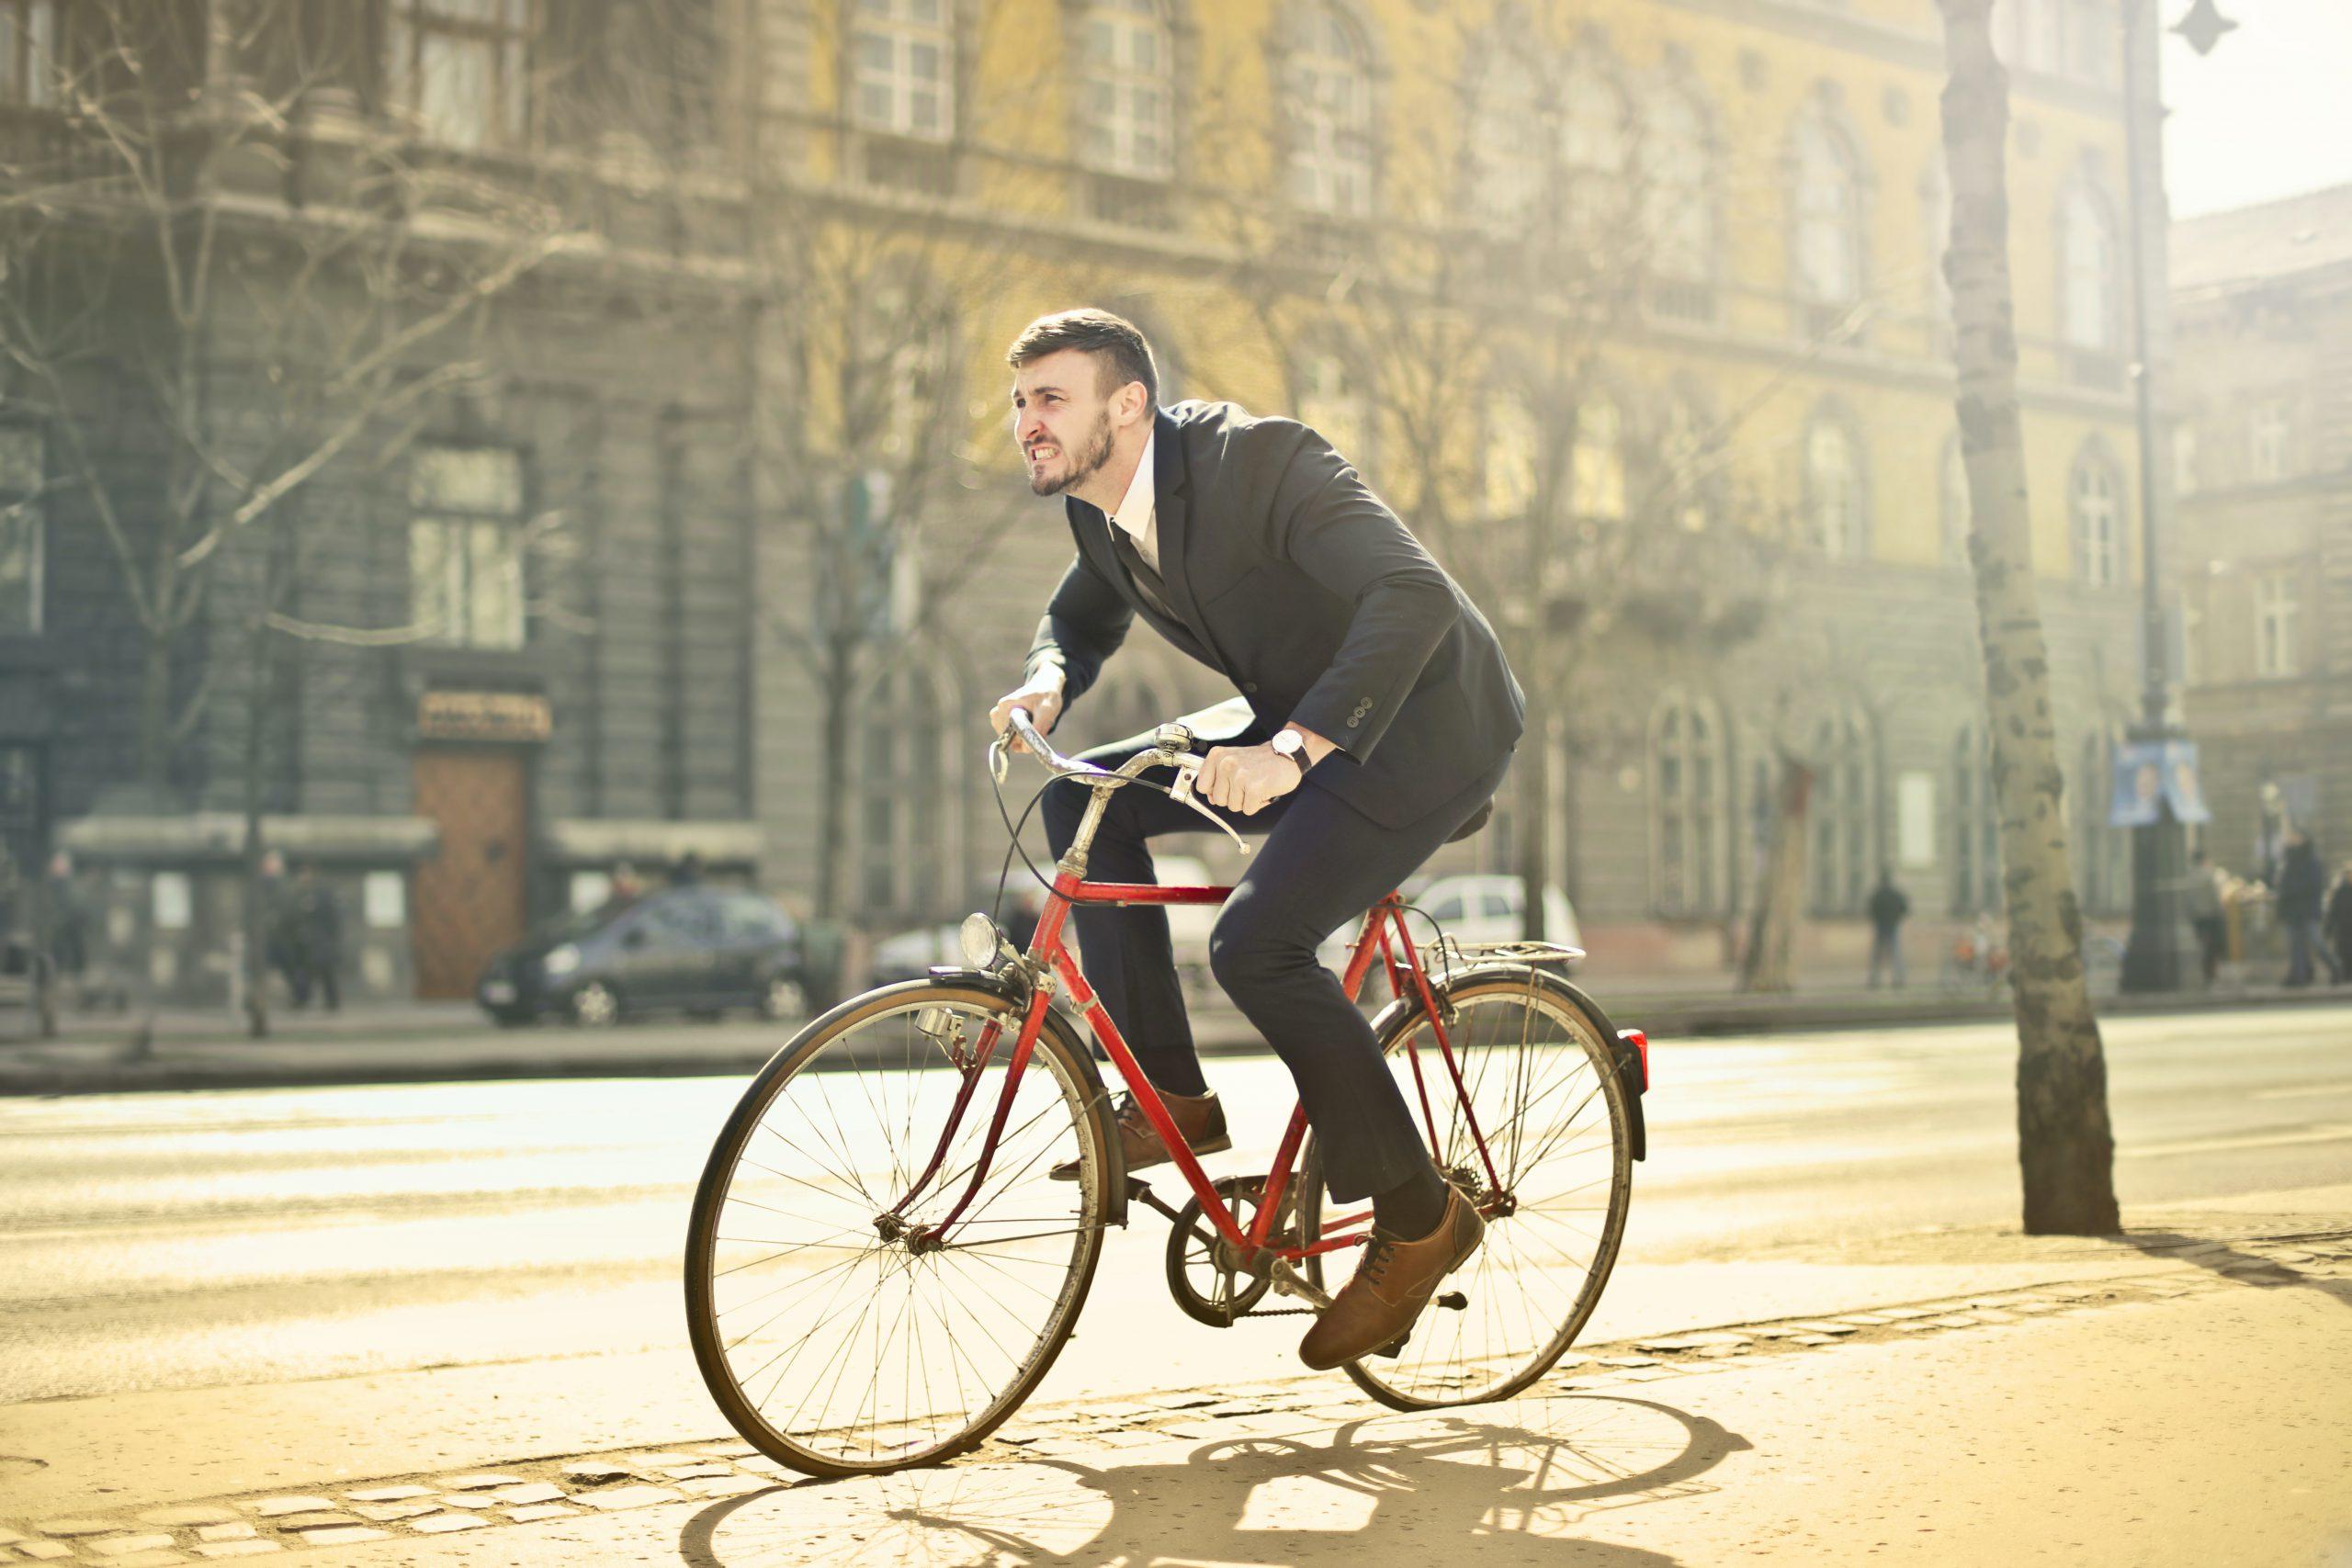 redenen op de fiets naar werk